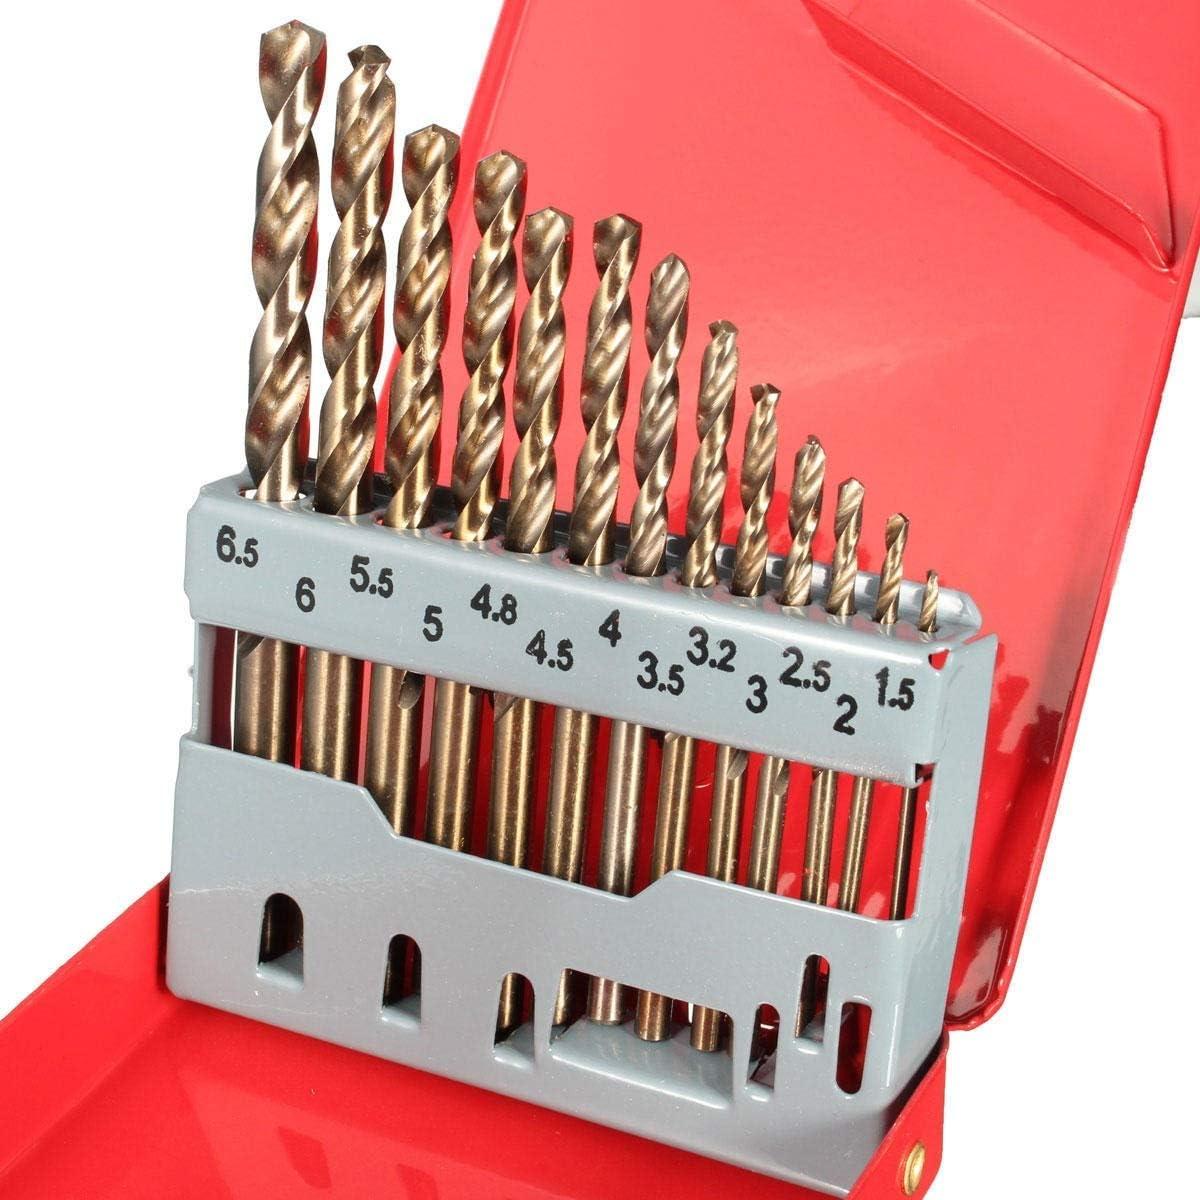 SXM-SXM Drill HSS Drilling Bits Twist Drill Bit 13PCS With Box Titanium Nitride Coated 1.5-6.5mm Bits Set Drill Accessories Drill